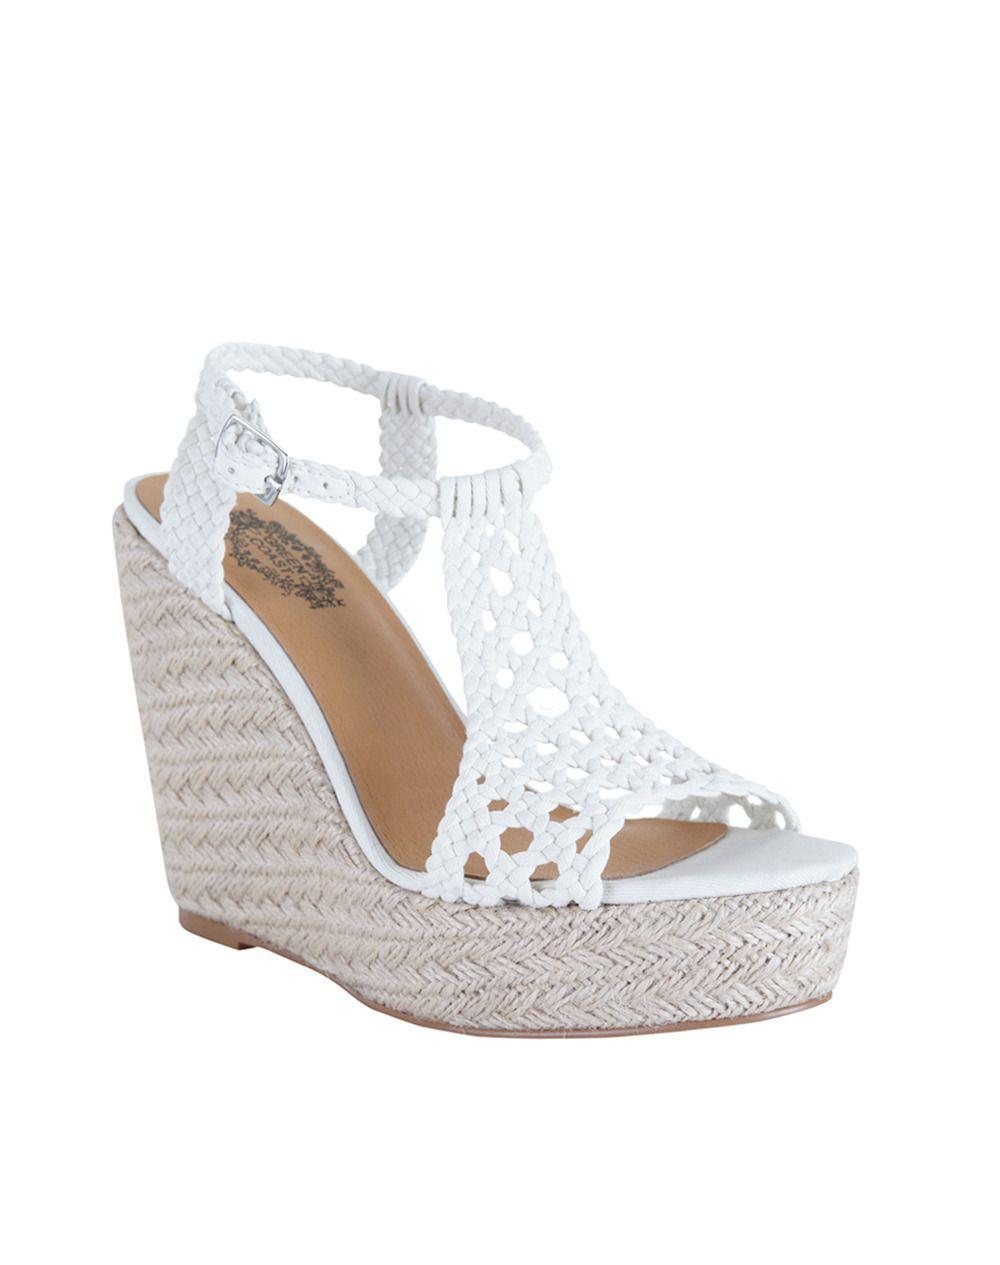 Cuñas Coast Corte De Inglés El Green Mujer Zapatos nO0wXPkN8Z